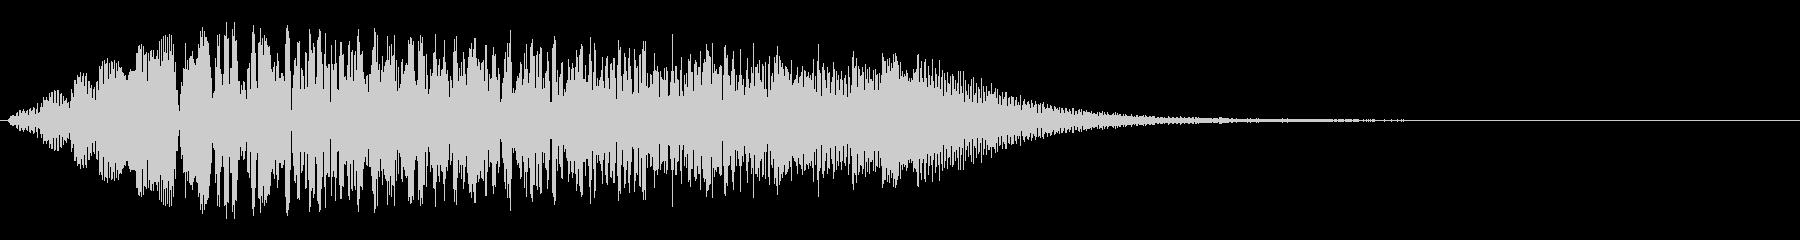 グルルル(透明な高音の展開効果音)の未再生の波形